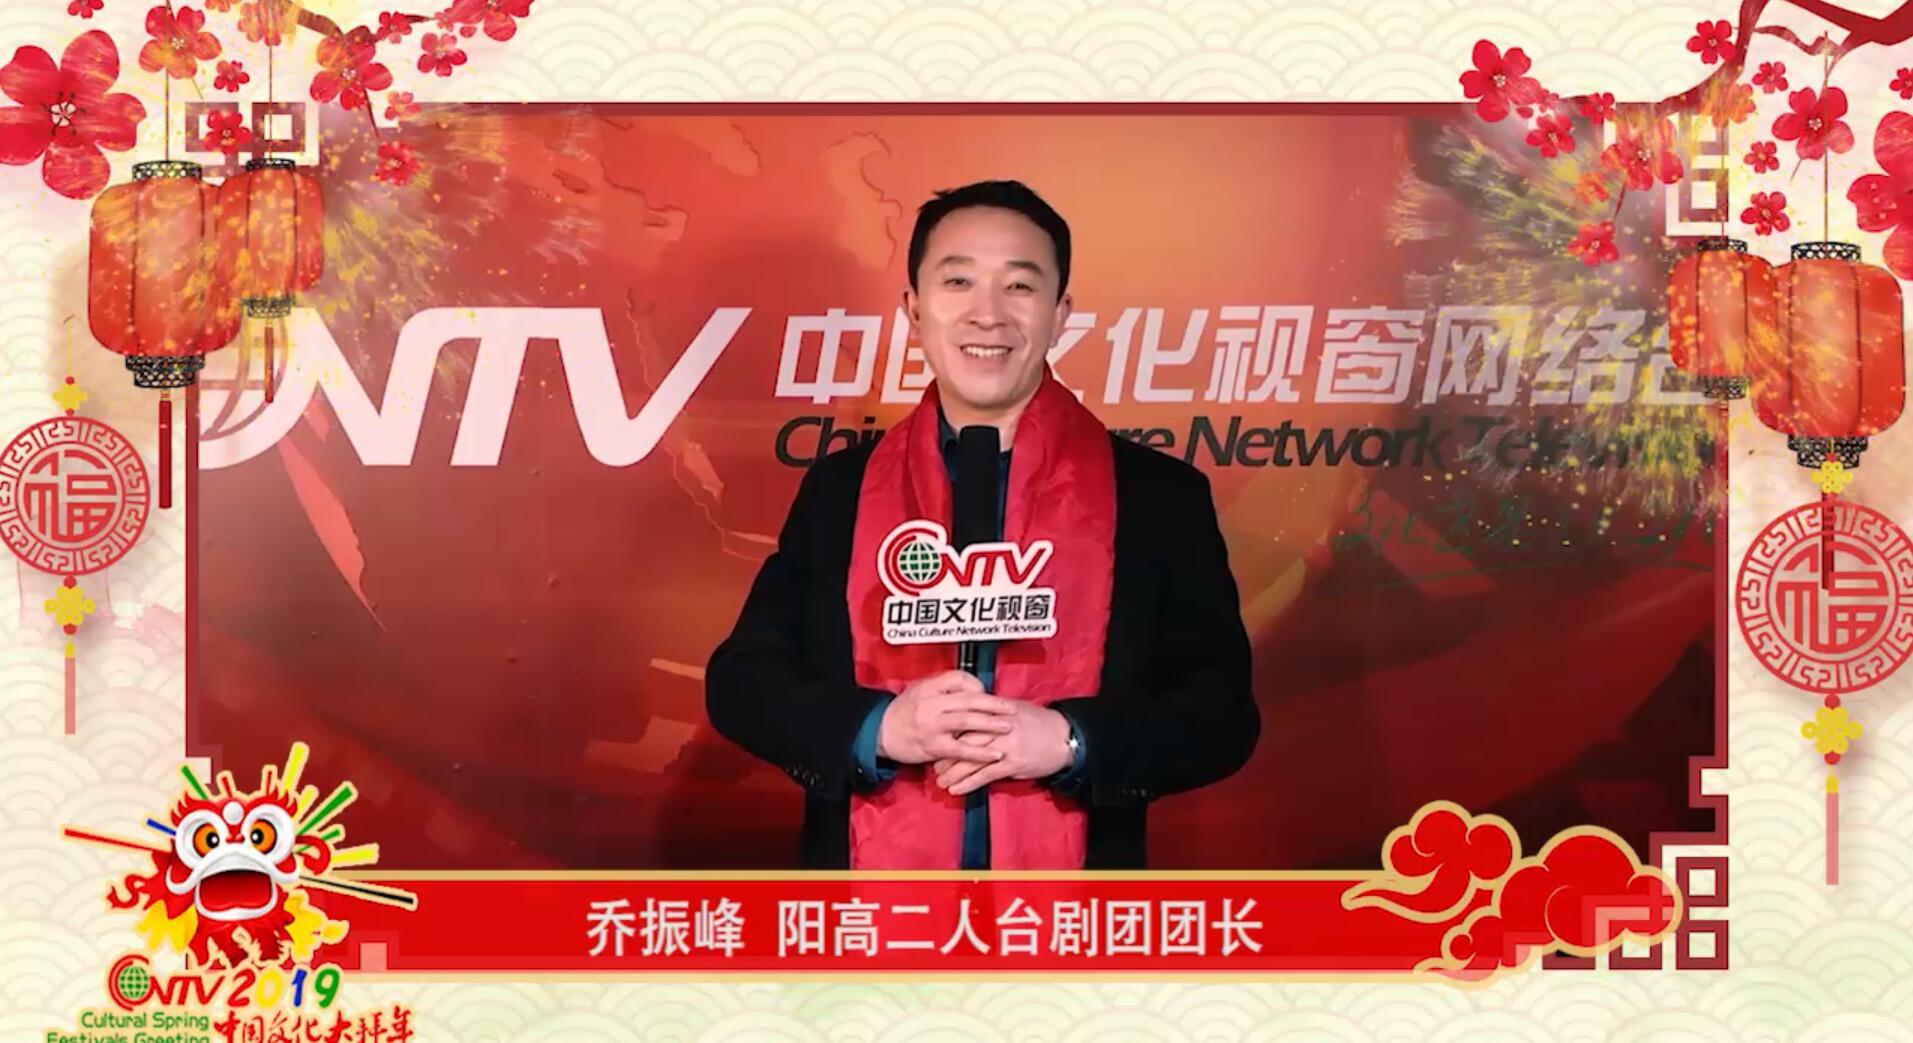 阳高二人台剧团团长乔振峰:欢迎大家来阳高过大年!